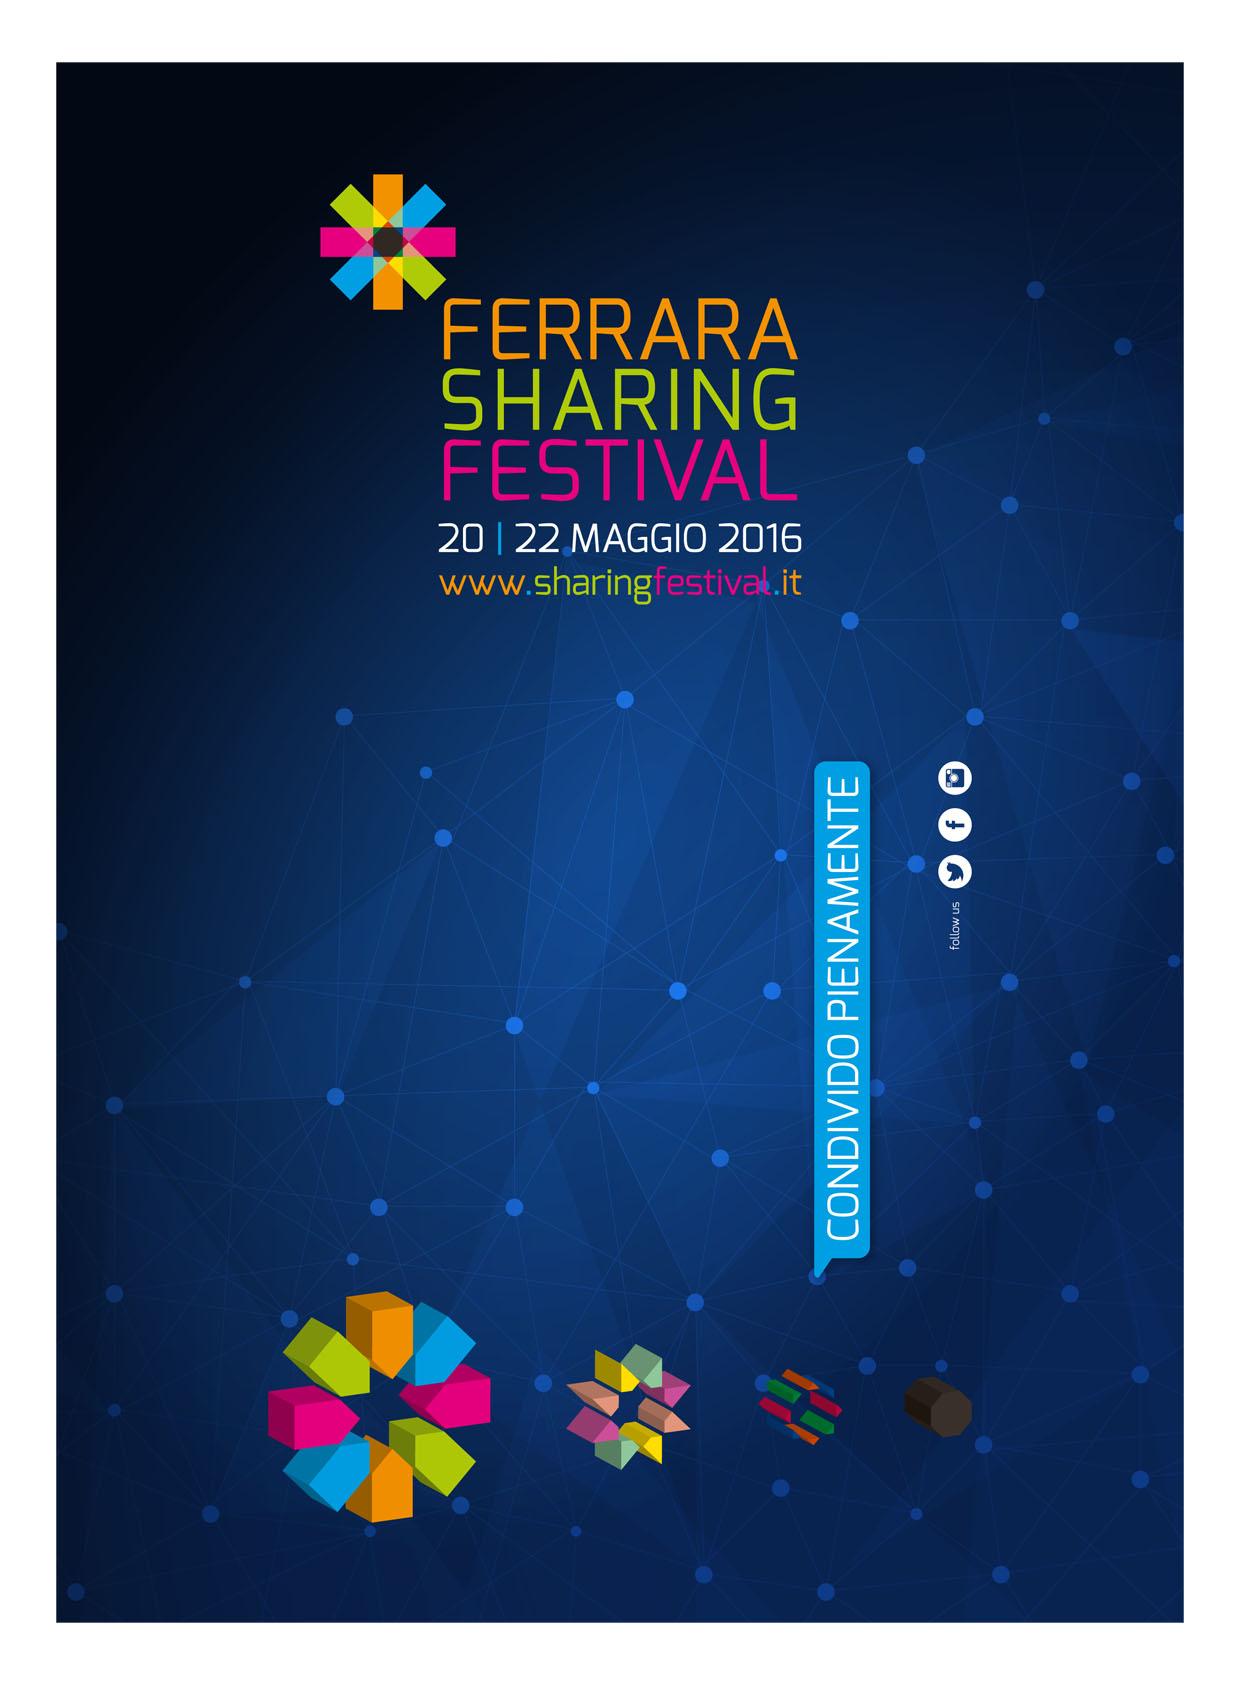 Legacoop e il mondo cooperativo allo Sharing Festival di Ferrara